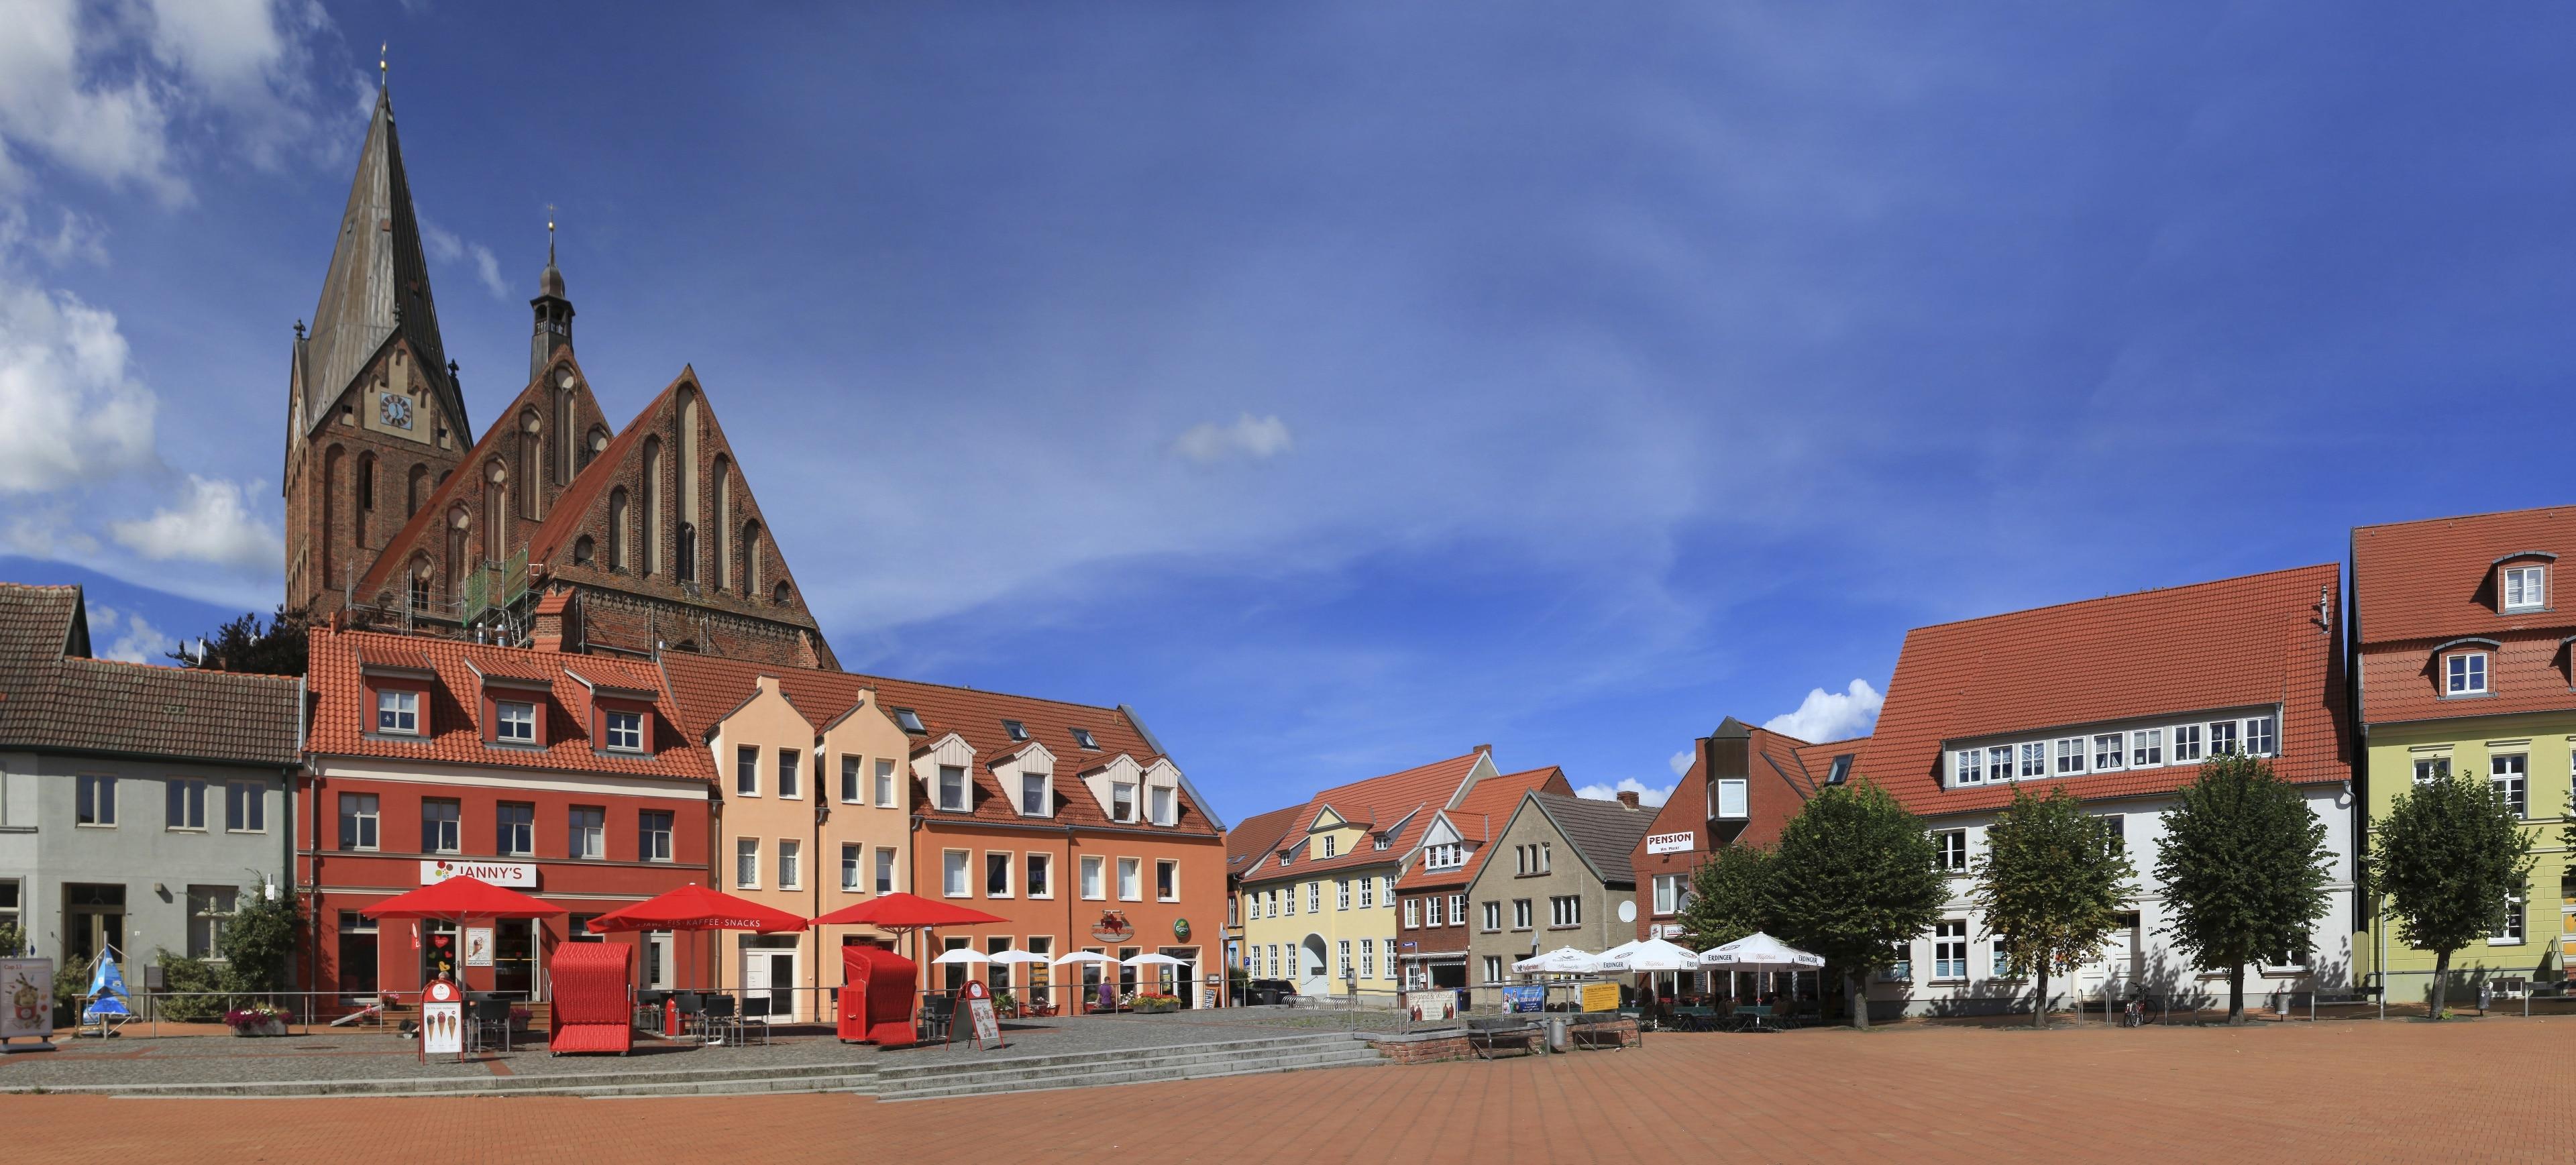 Barth, Mecklenburg - Voor-Pommern, Duitsland